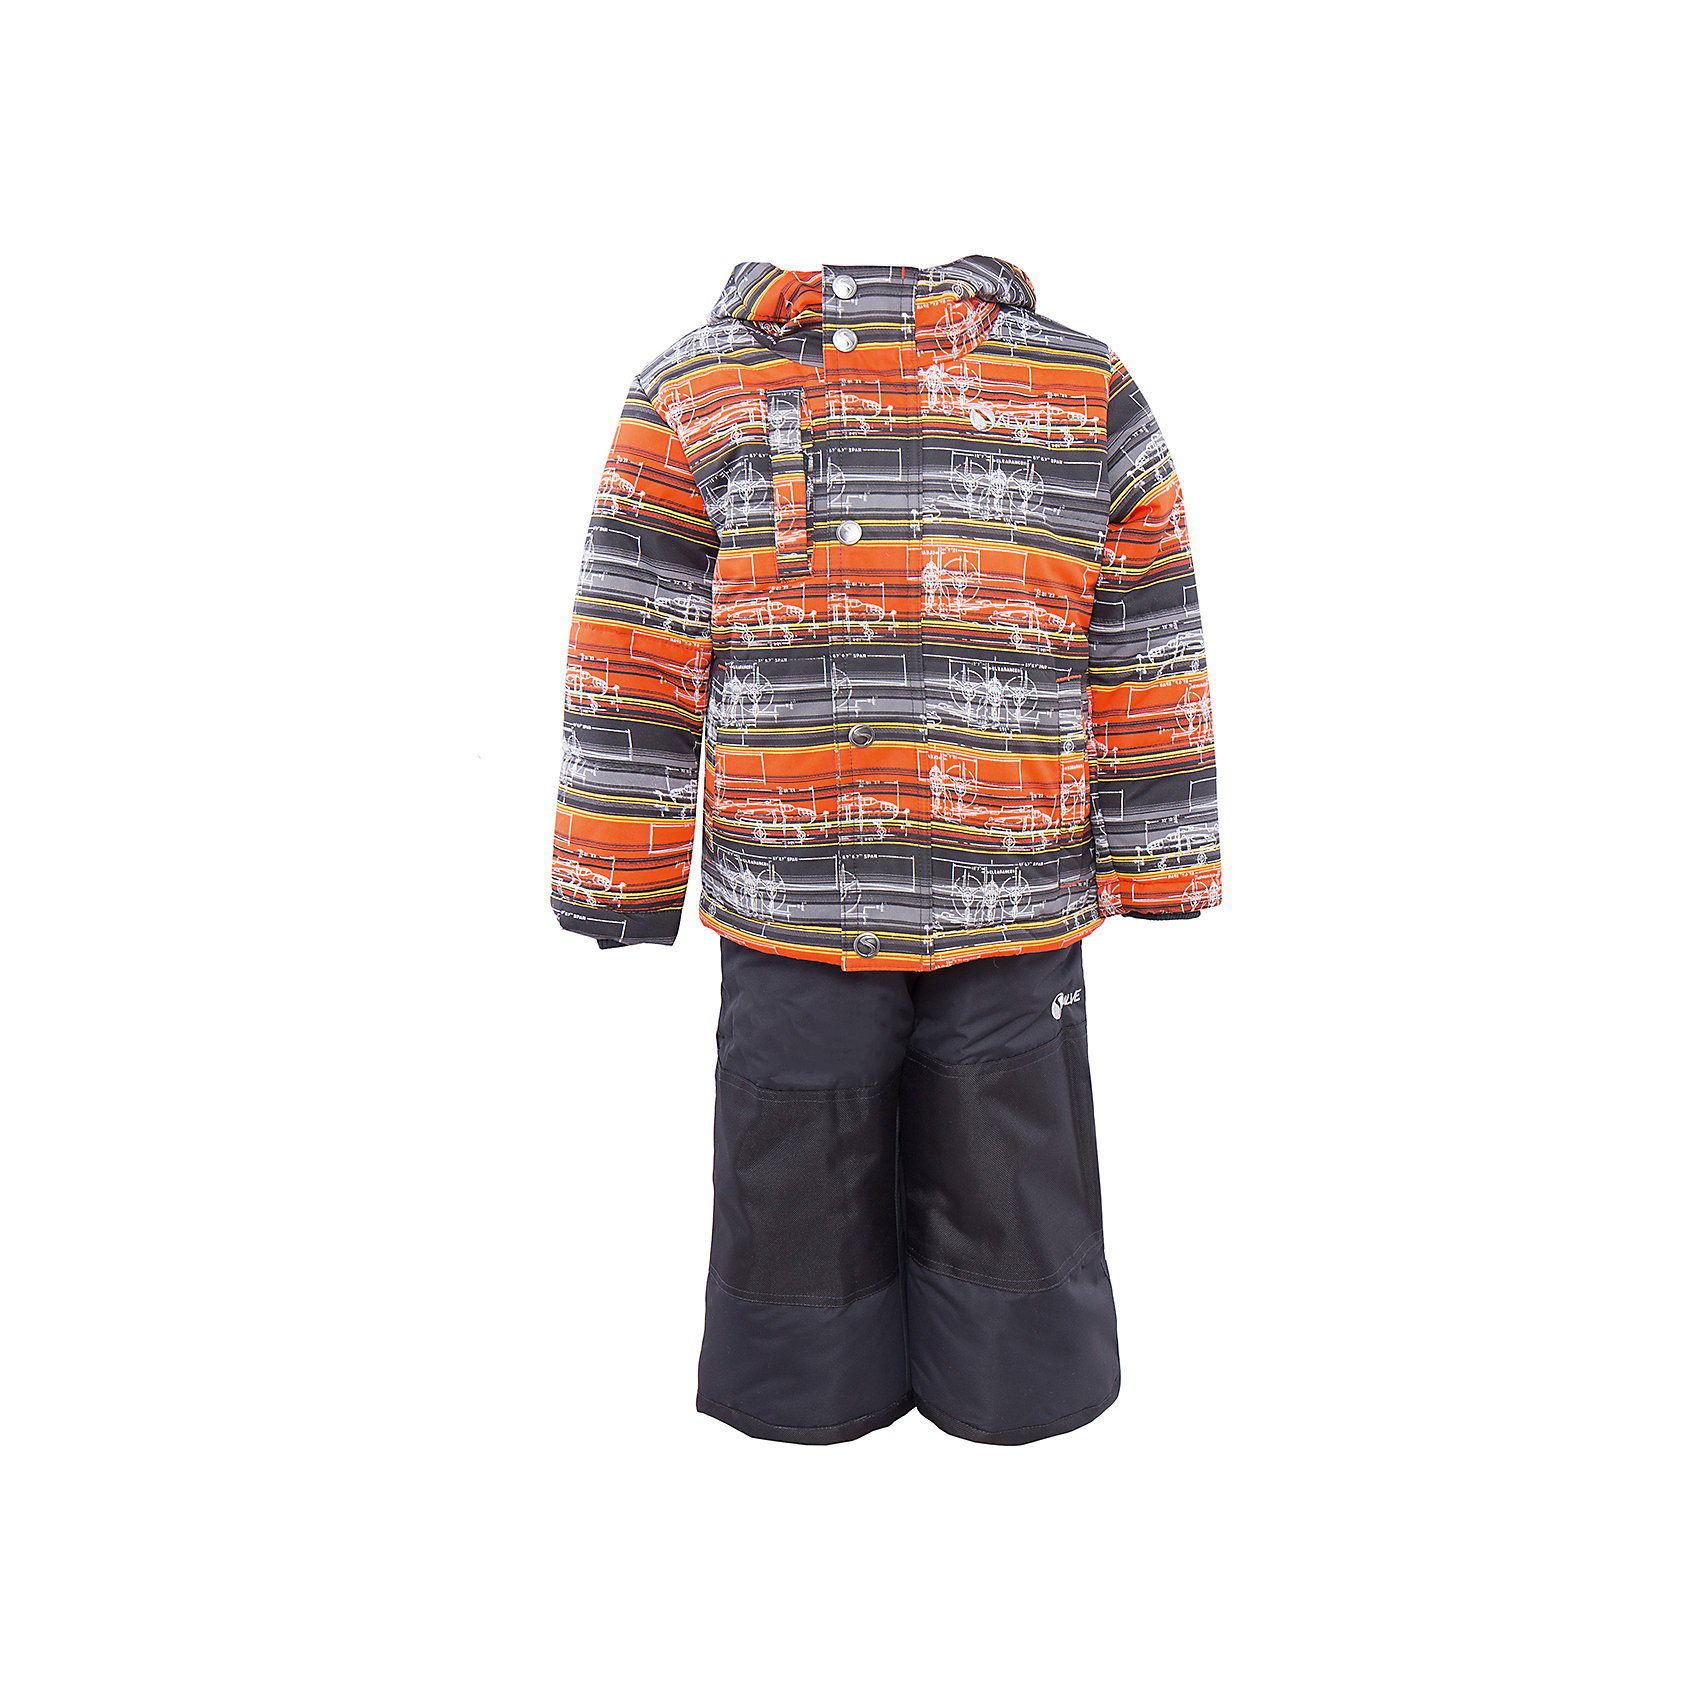 Комплект: куртка и полукомбинезон для мальчика SalveВерхняя одежда<br>Характеристики:<br><br>• Сезон: зима<br>• Степень утепления: высокая (куртка – 330 гр/м.кв.; полукомбинезон – 200 гр/м.кв.)<br>• Температурный режим*: от 0 до -30 градусов<br>• Пол: для мальчика<br>• Цвет: черный, оранжевый, серый<br>• Материал: полиэстер 100%<br>• Комплектация: куртка, полукомбинезон<br>• Наличие снегозащитной юбки<br>• Тип застежки: молния, кнопки<br>• Манжеты на куртке: эластичные, трикотажные<br>• Капюшон: не отстегивается<br>• Регулируемые лямки у полукомбинезона<br>• Карманы: 2 боковых  и 1 на груди у куртки  <br>• Уход: допускается стирка без чистящих и отбеливающих средств<br><br>Бренд Salve разработан и произведён канадской компанией Gusti International специально для российского рынка.<br><br>Комплект: куртка и полукомбинезон для мальчика Salve предназначен для прогулок в самое холодное время года. Изделие обеспечено высокой степенью утепления. Верхняя часть  комплекта выполнена из полиэстера, который обладает ветрозащитными и влагонепропускаемыми свойствами. Подклад на куртке выполнен из флиса. Для обеспечения поддержания микроклимата имеются эластичные трикотажных манжеты на рукавах куртки и резинки на брюках. Изделие выполнено из прочной ткани, имеется усиление на коленях, по низу полукомбинезона и сзади. Крой комплекта выполнен с учетом повышенной подвижности ребенка во время зимних прогулок: расширенные брючины не сковывают движений. <br>Комплект: куртка и полукомбинезон для мальчика Salve выполнен в ярком дизайне: полосатая оранжевая куртка с графическими элементами и полукомбинезон в классическом черном цвете.<br><br>Комплект: куртку и полукомбинезон для мальчика Salve можно купить в нашем интернет-магазине.<br><br>Ширина мм: 356<br>Глубина мм: 10<br>Высота мм: 245<br>Вес г: 519<br>Цвет: желтый<br>Возраст от месяцев: 18<br>Возраст до месяцев: 24<br>Пол: Мужской<br>Возраст: Детский<br>Размер: 92,110,116,122,128,98,104<br>SKU: 5044696